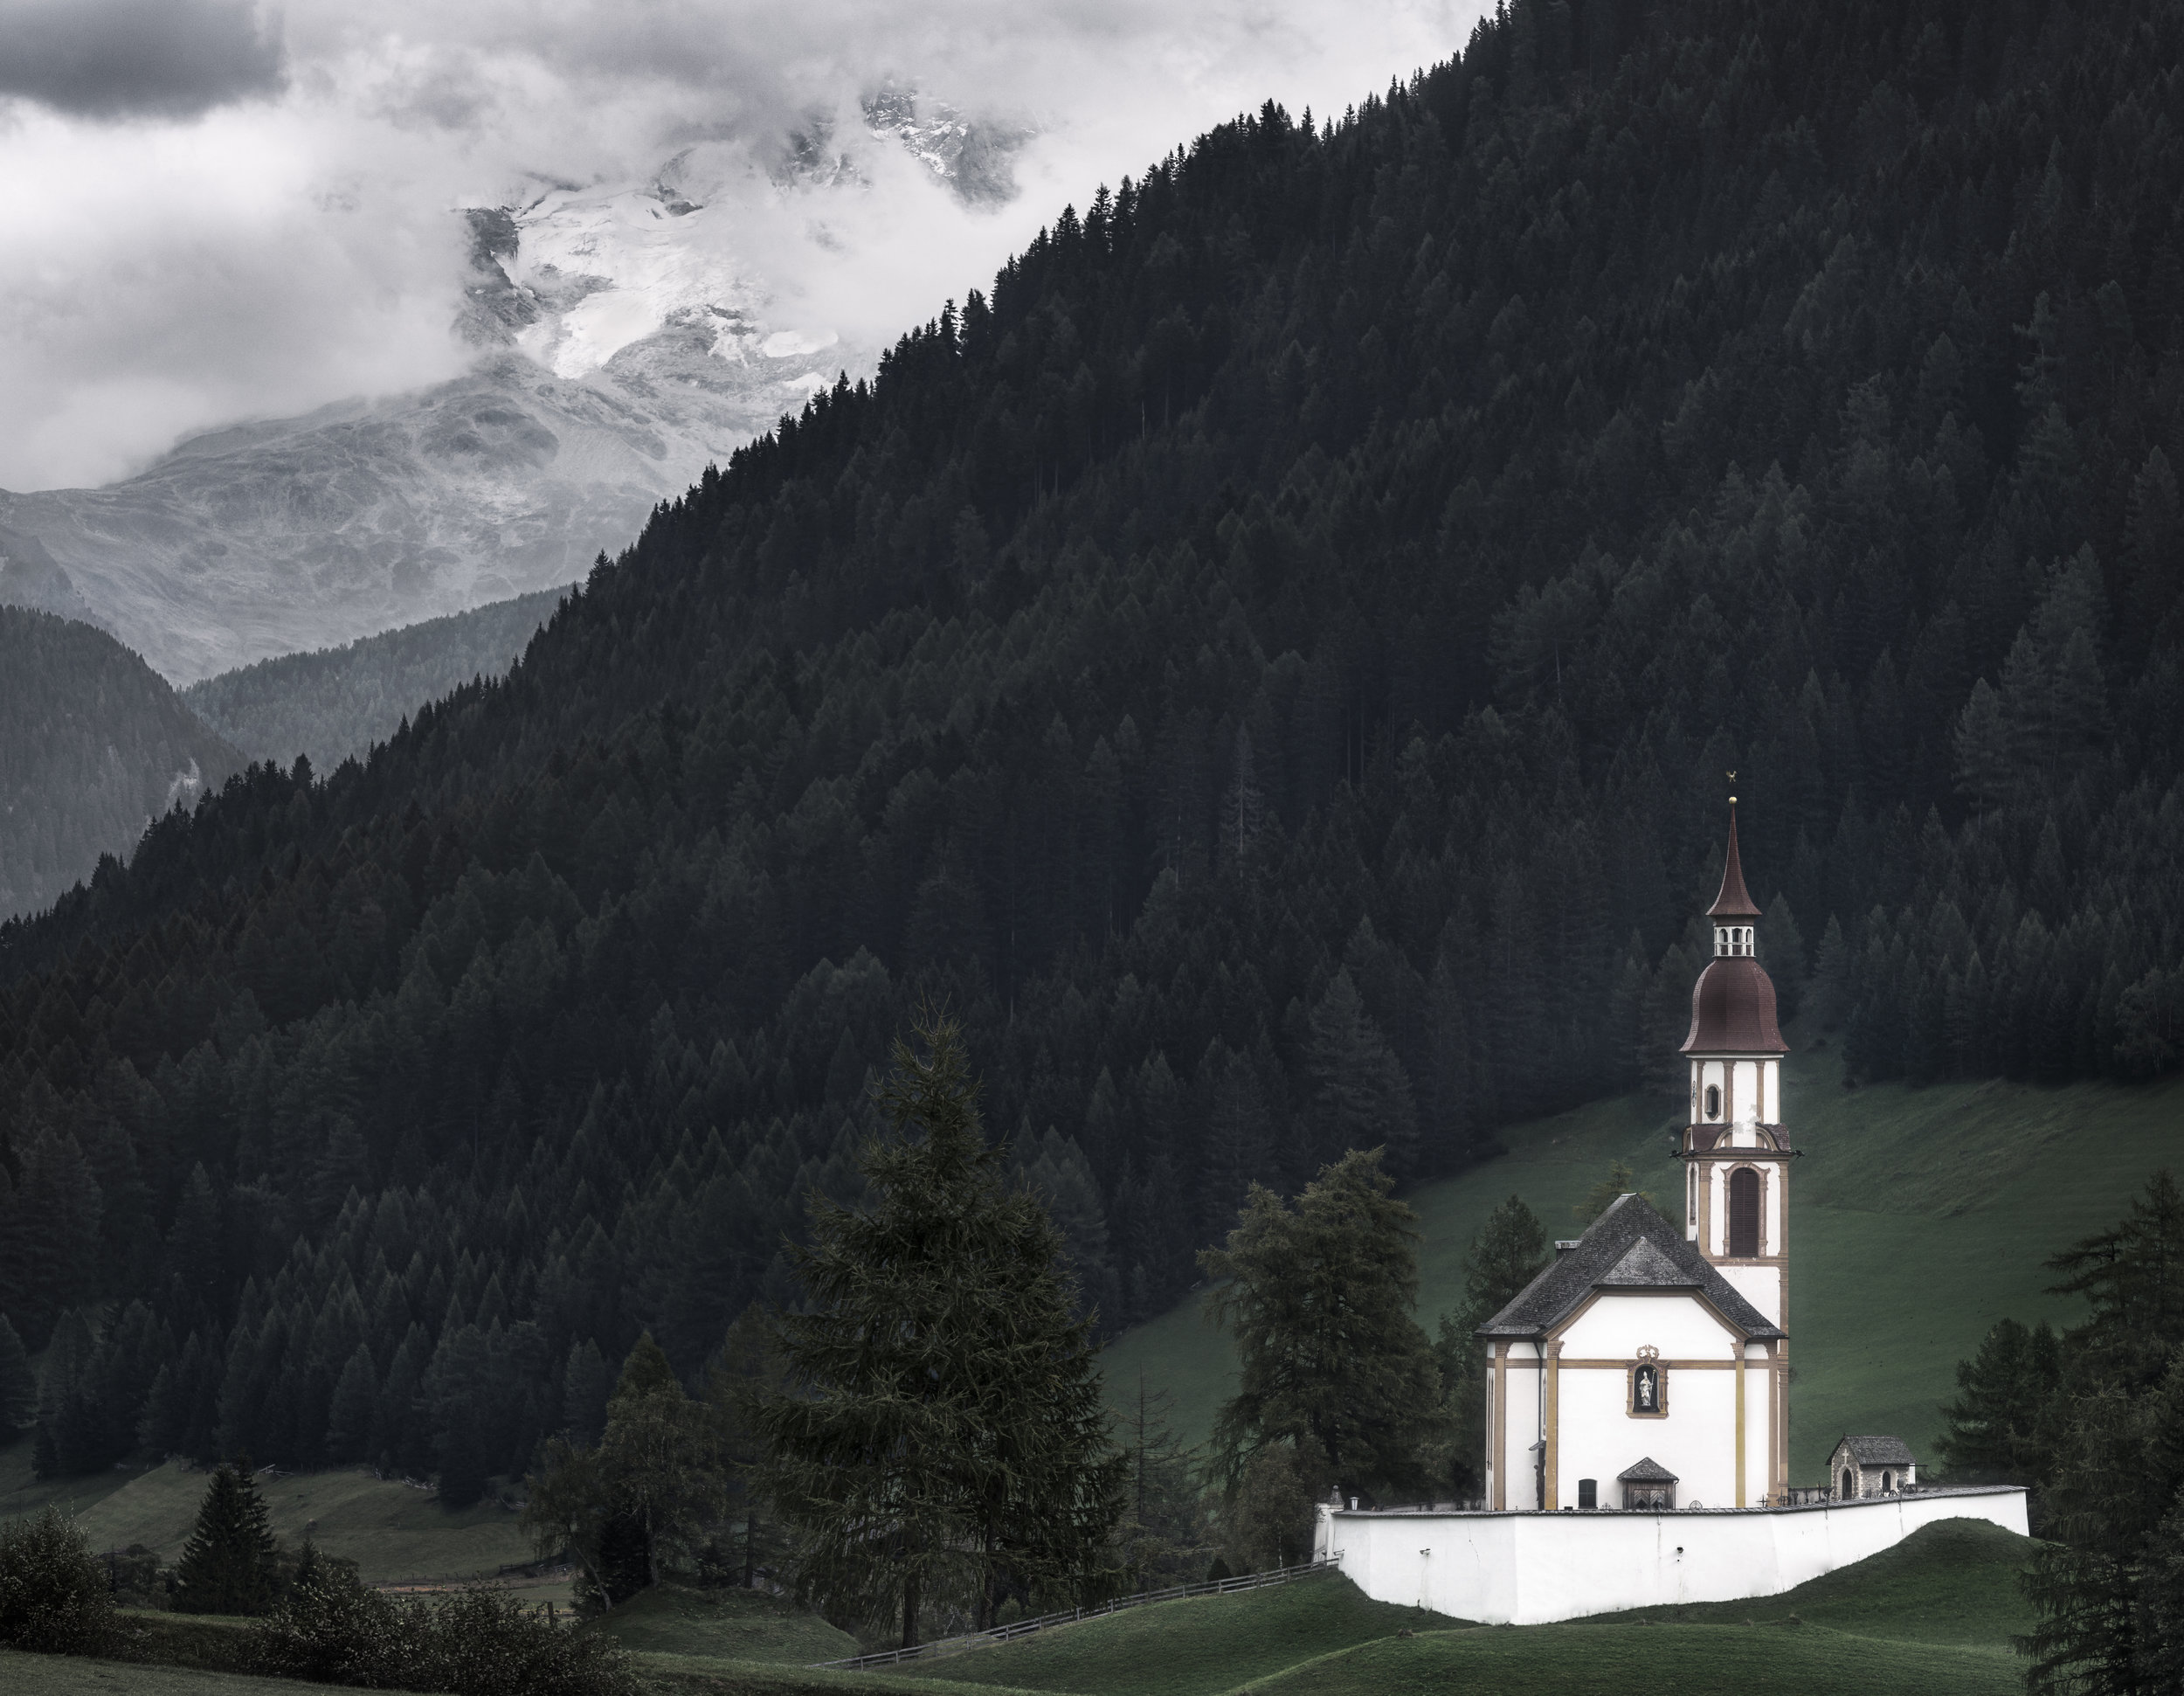 WAEPPA 2017 ENTRIES- Obernberg Church Layered NRNS-Edit.jpg